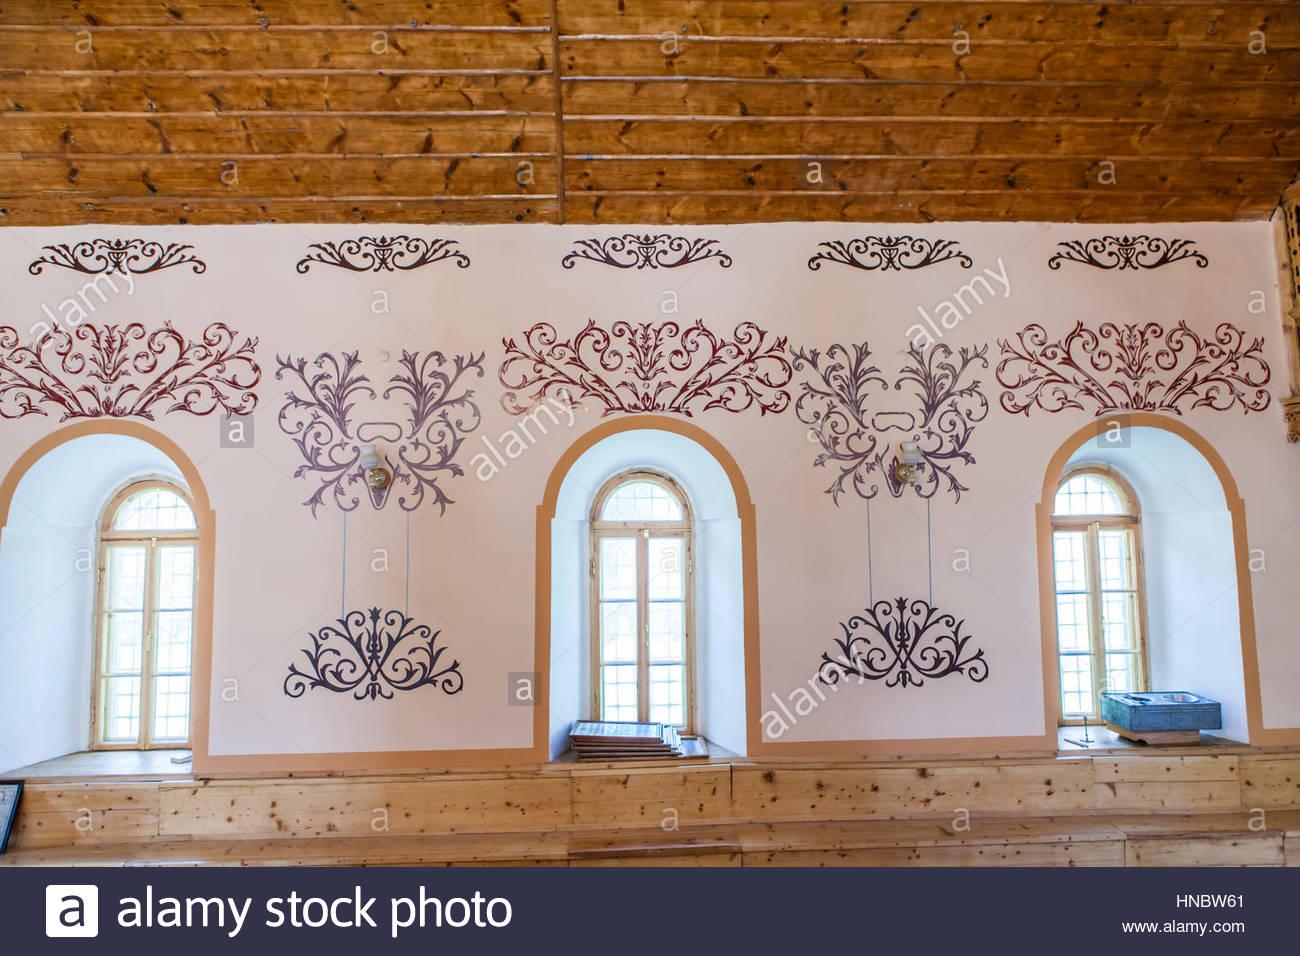 Les modèles peints sur le mur de la Synagogue de l'Akhaltsikhe Juifs géorgiens. Photo Stock